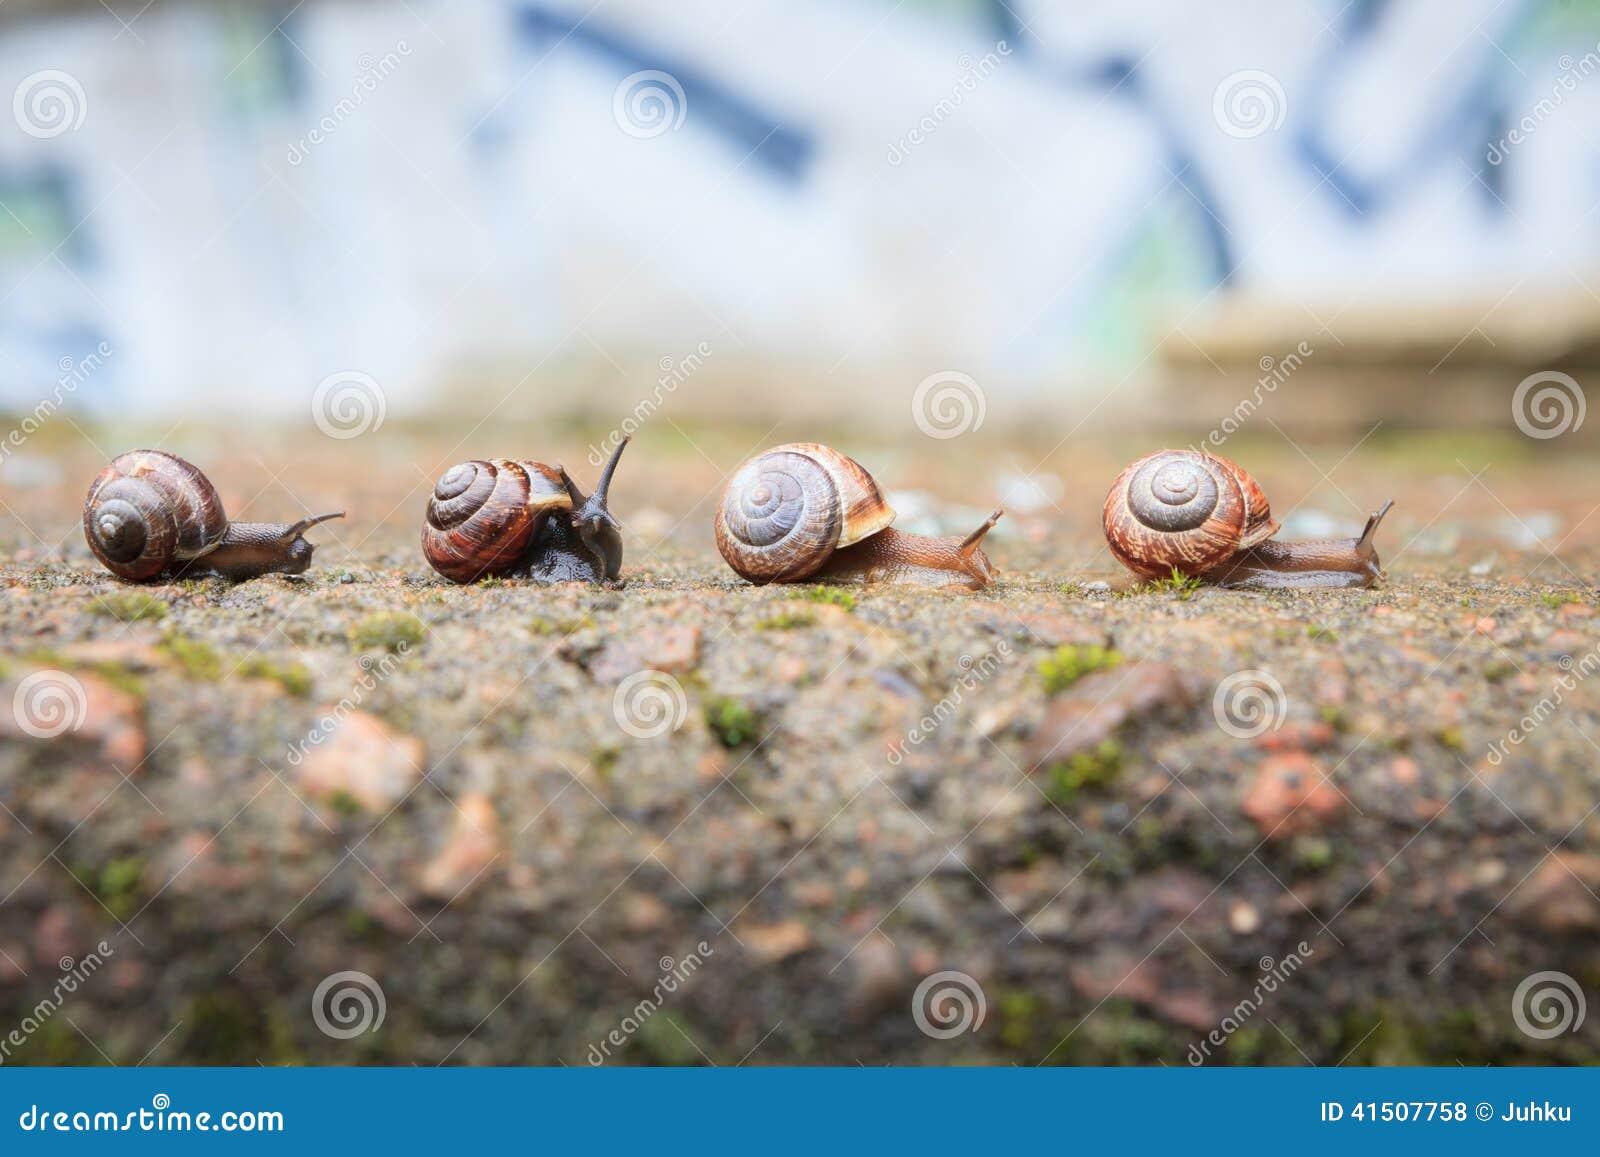 Gruppe kleine schnecken die vorw rts gehen stockfoto for Kleine esstisch gruppe